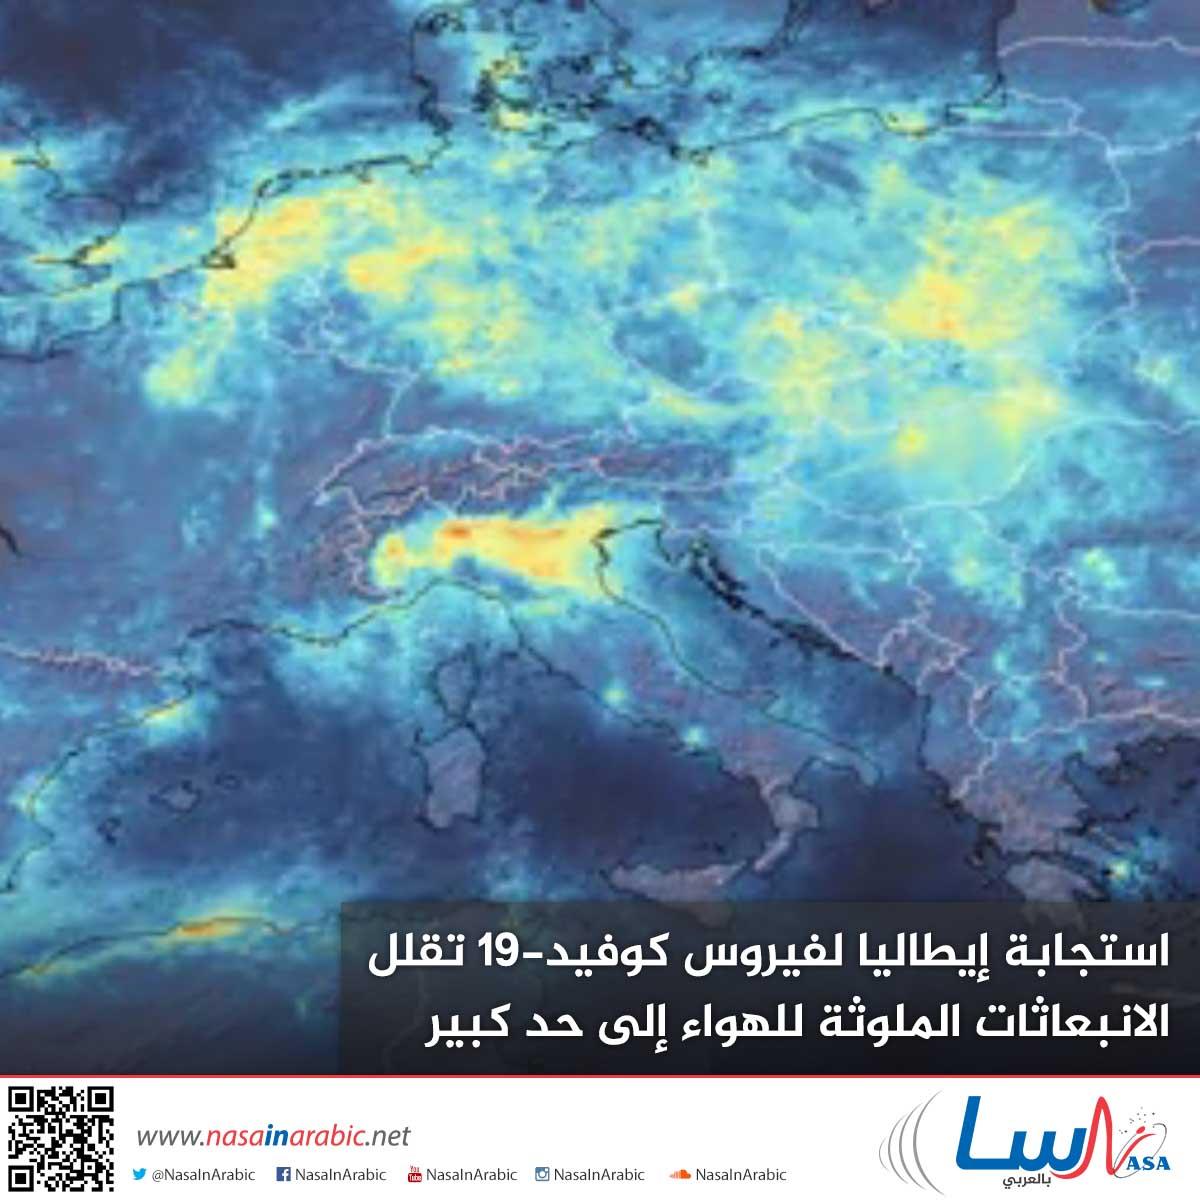 استجابة إيطاليا لفيروس كوفيد-19 تقلل الانبعاثات الملوثة للهواء إلى حد كبير